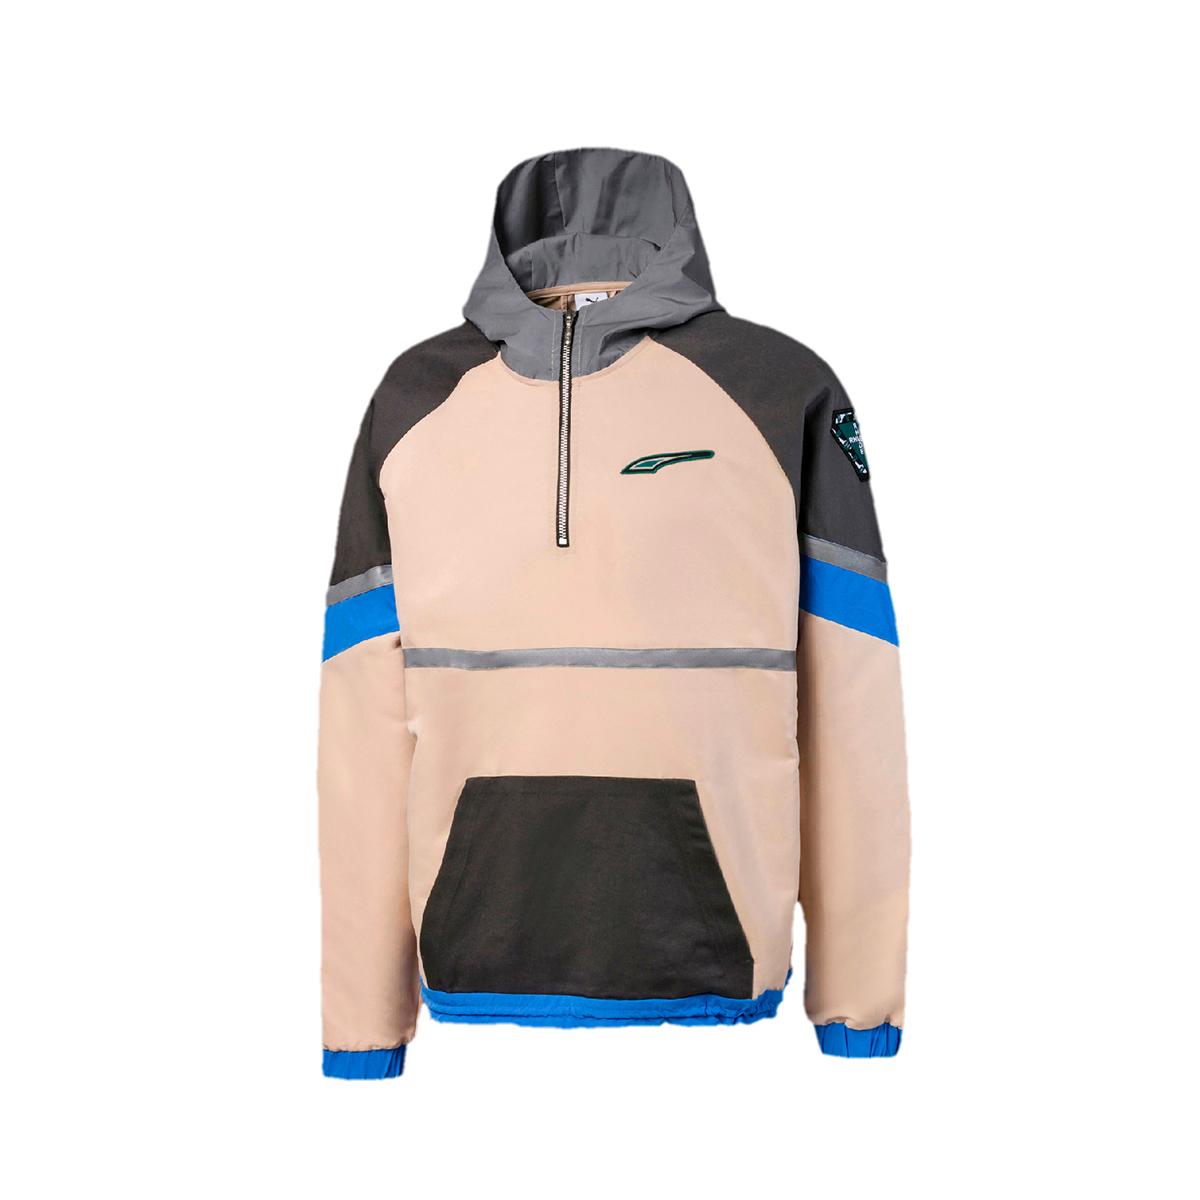 PUMA x RHUDE HZ Jacket(SAFARI)(プーマ X ルード HZ ジャケット)【メンズ】【ジャケット】【20SP-S】